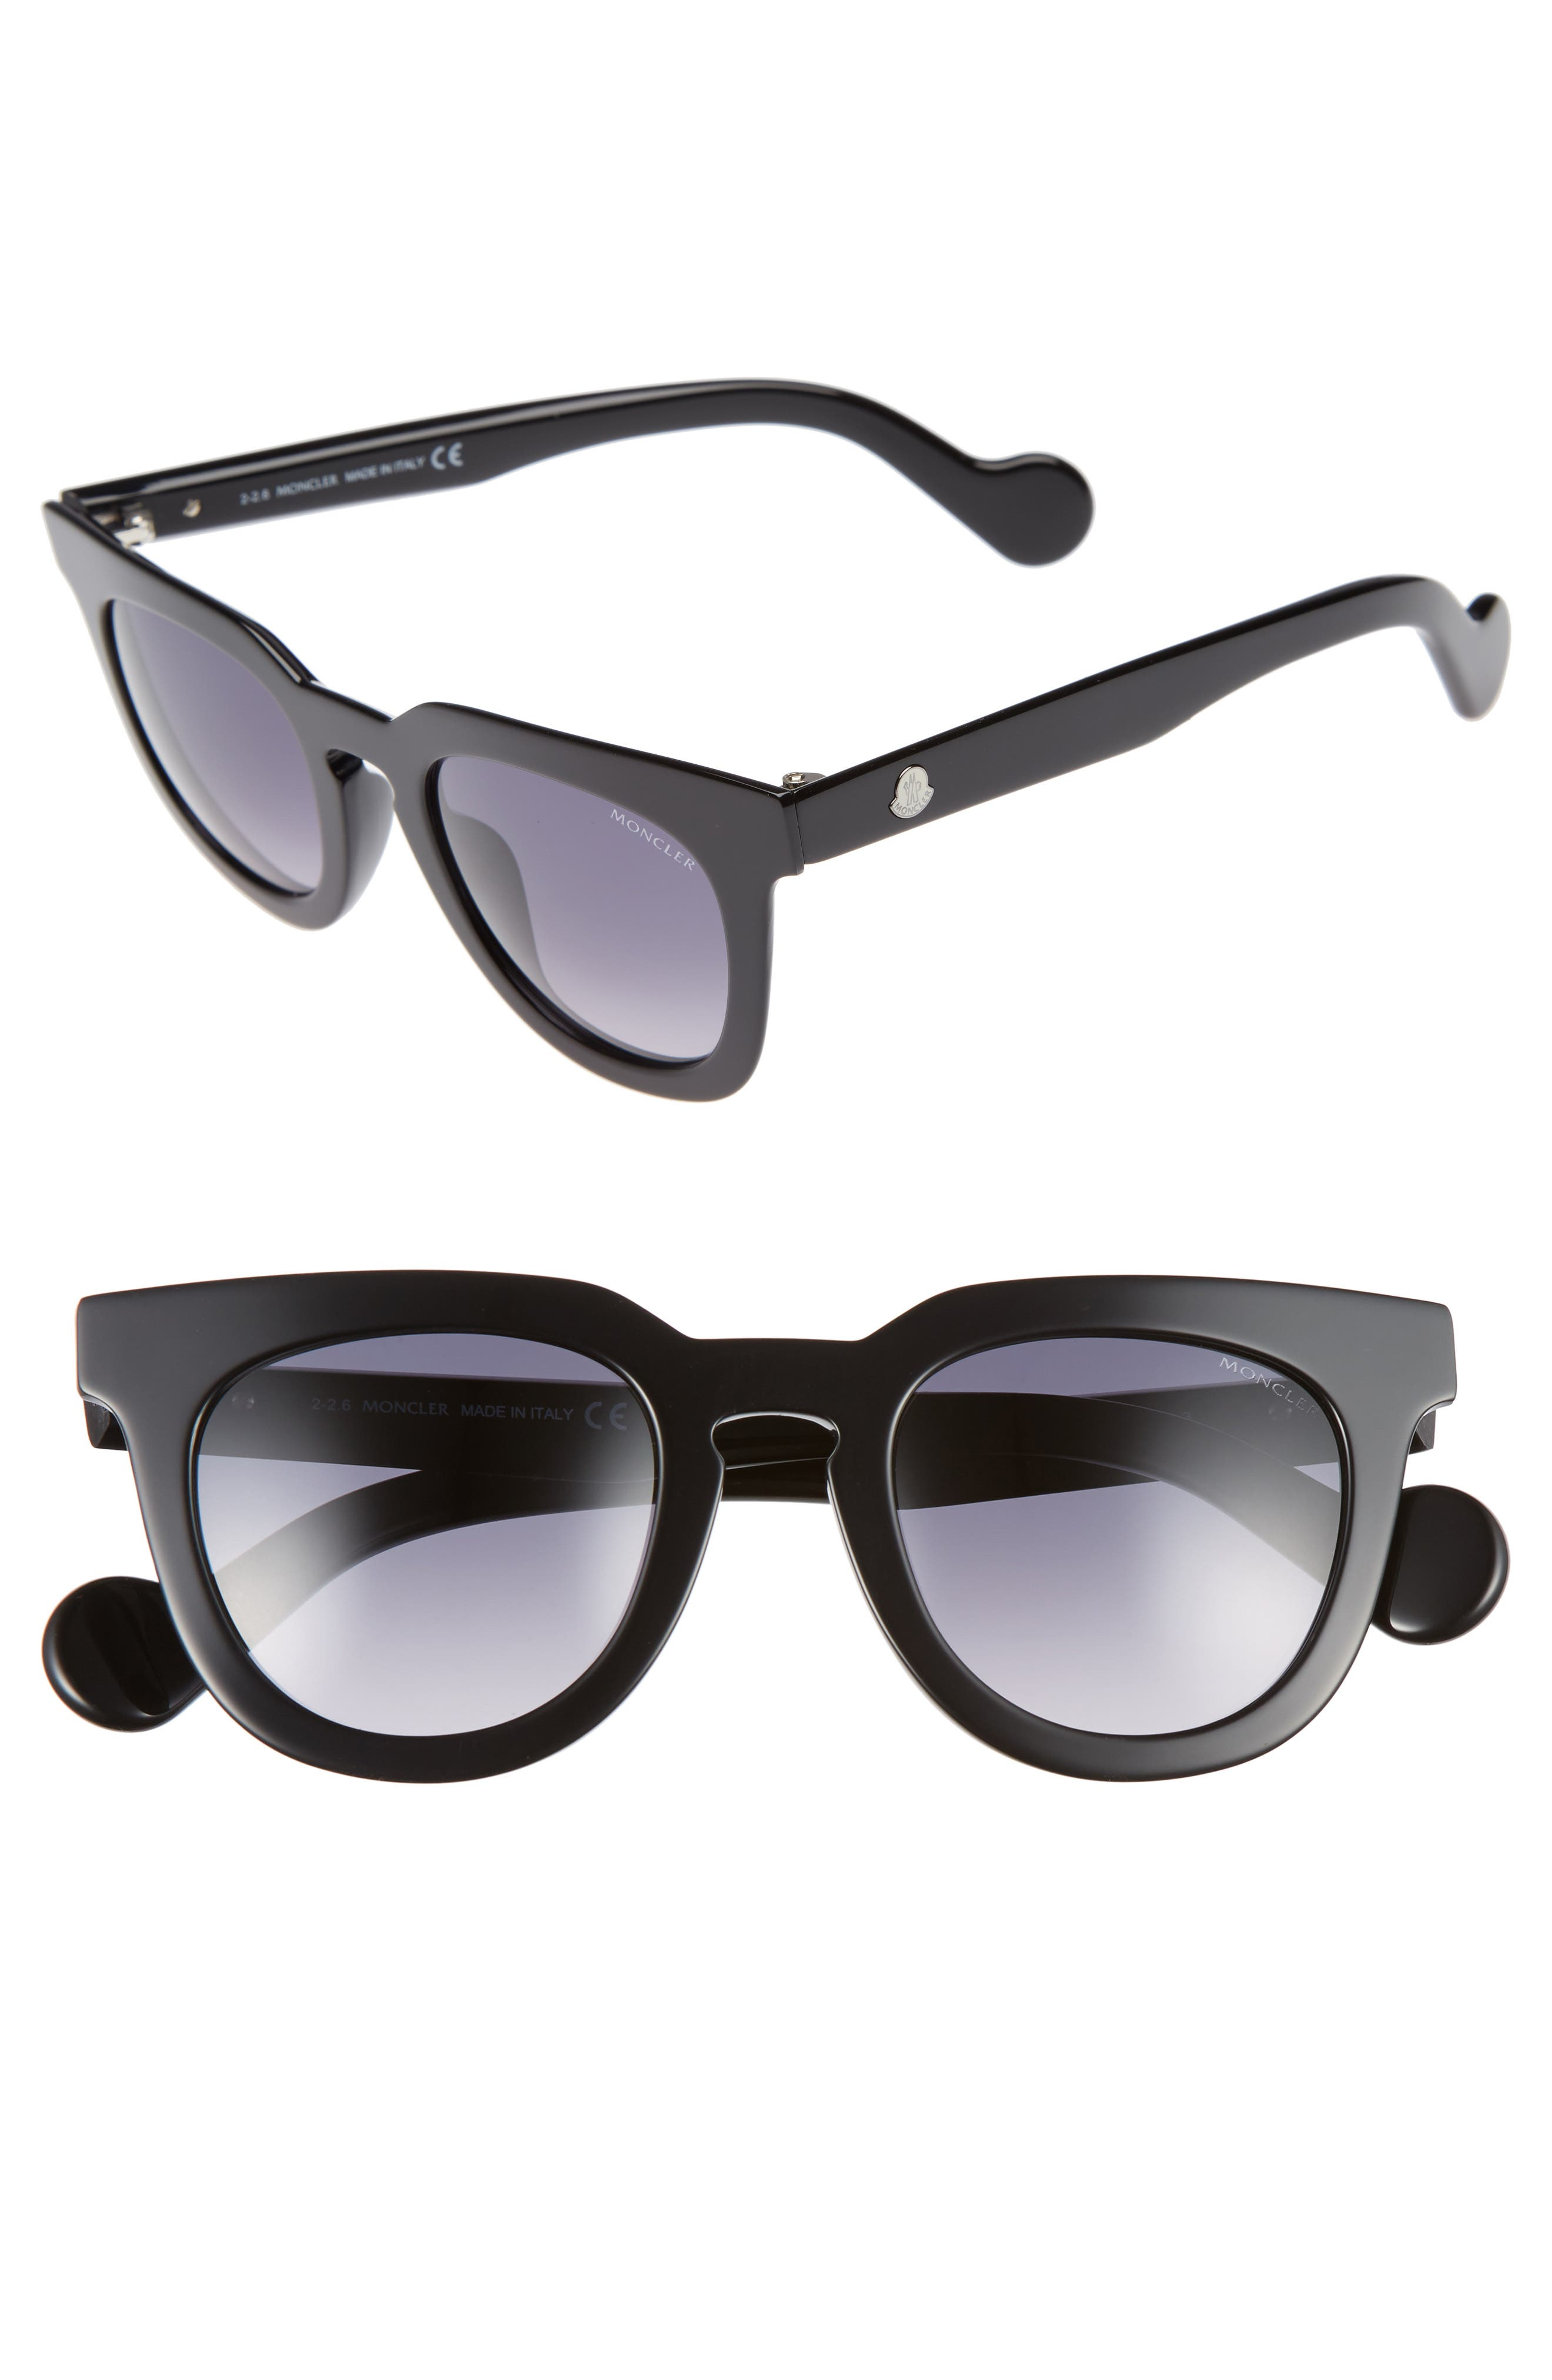 48mm Retro Sunglasses,                         Main,                         color, 001